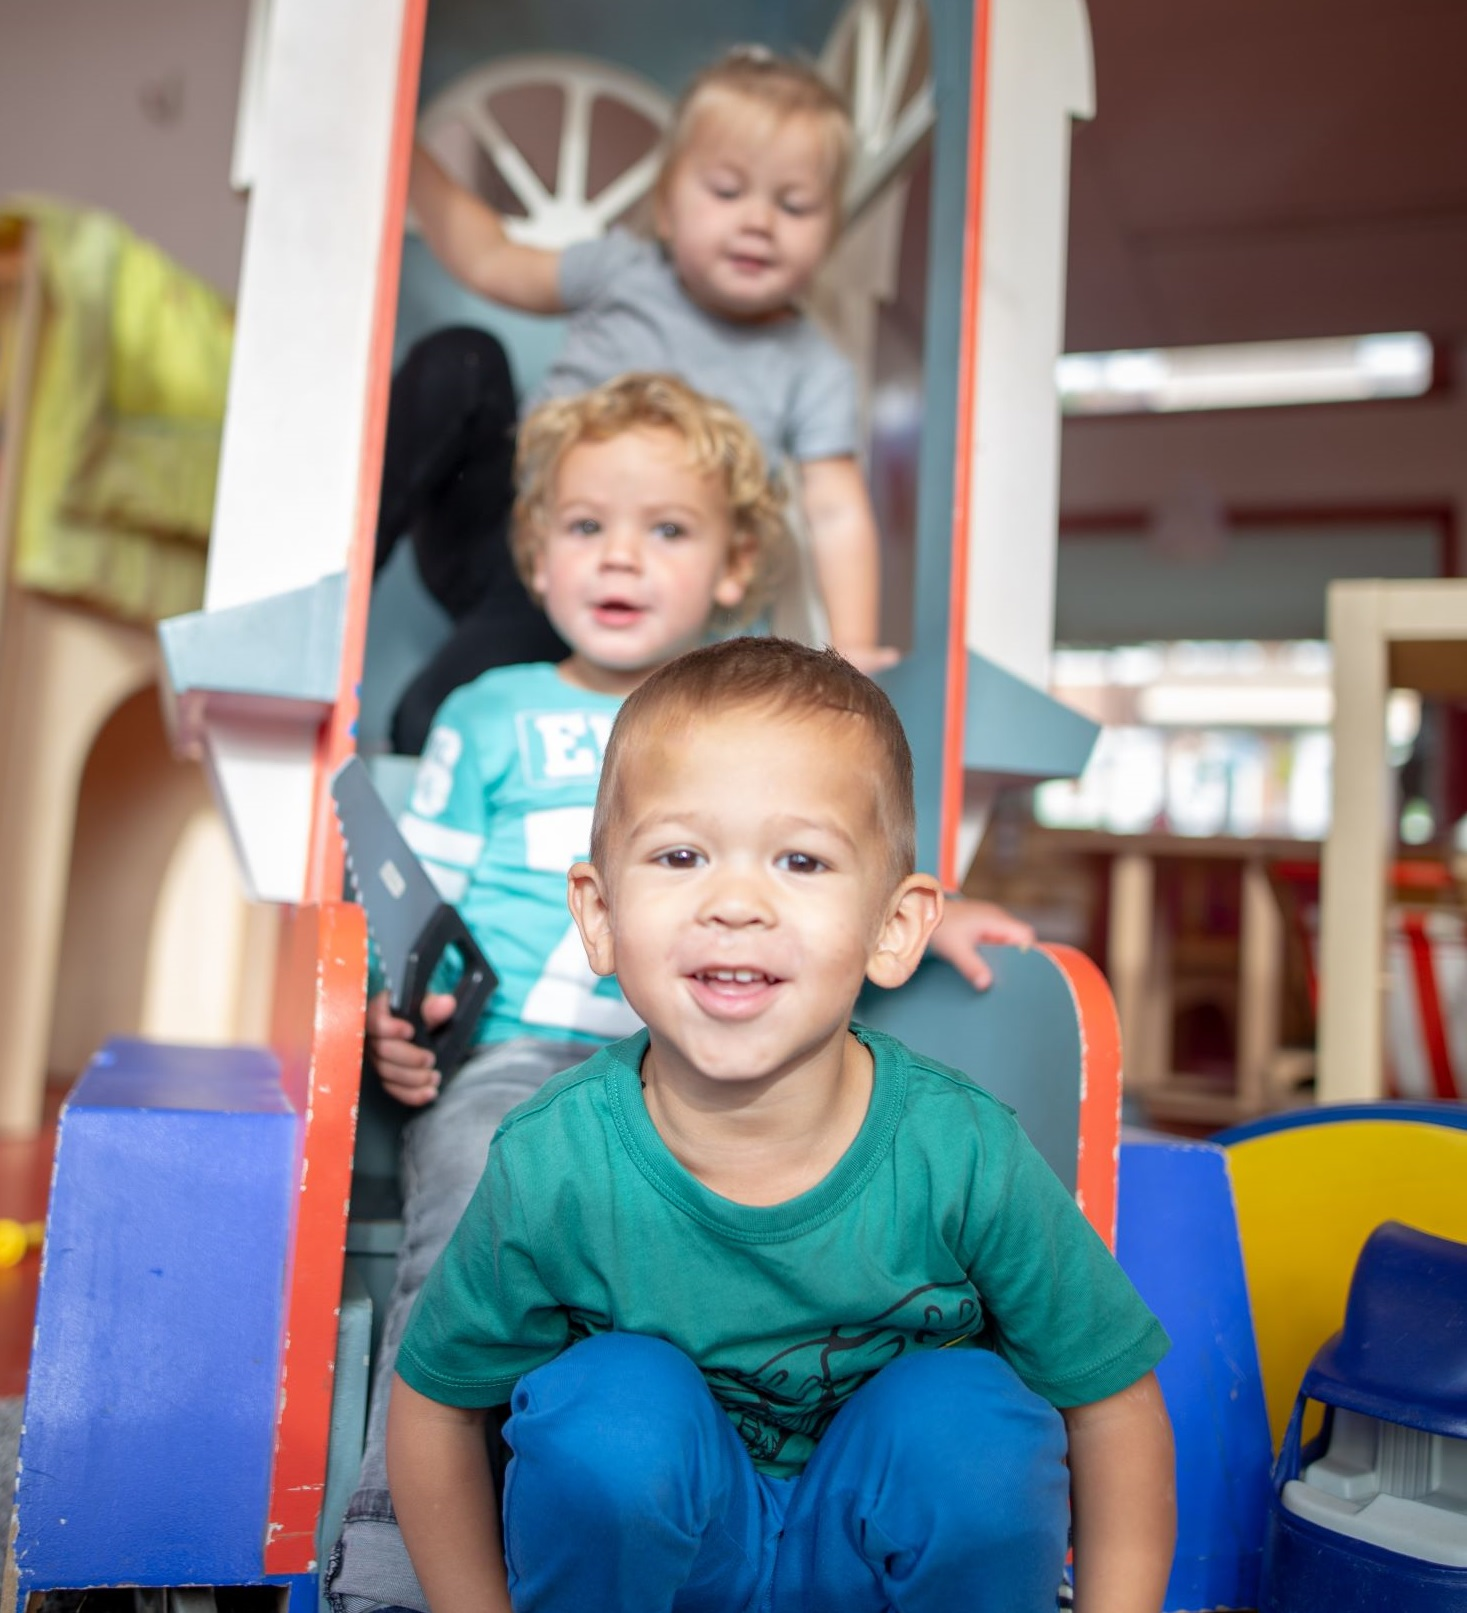 Peuteropvang 2 - 4 jaar Kids First COP groep